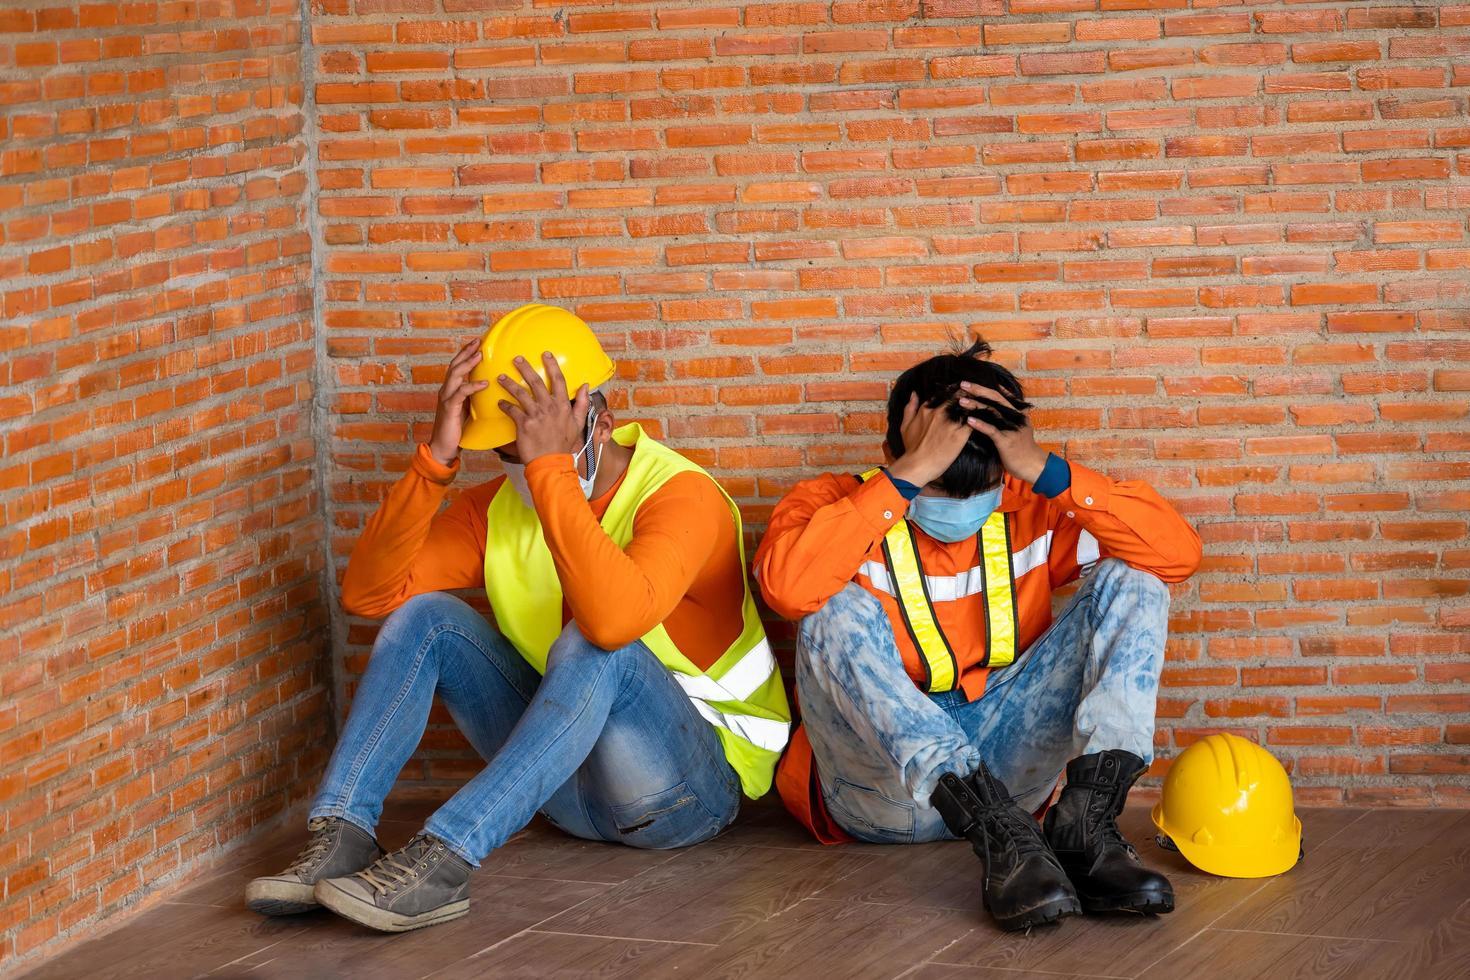 zwei Männer in Schutzausrüstung neben der Mauer foto